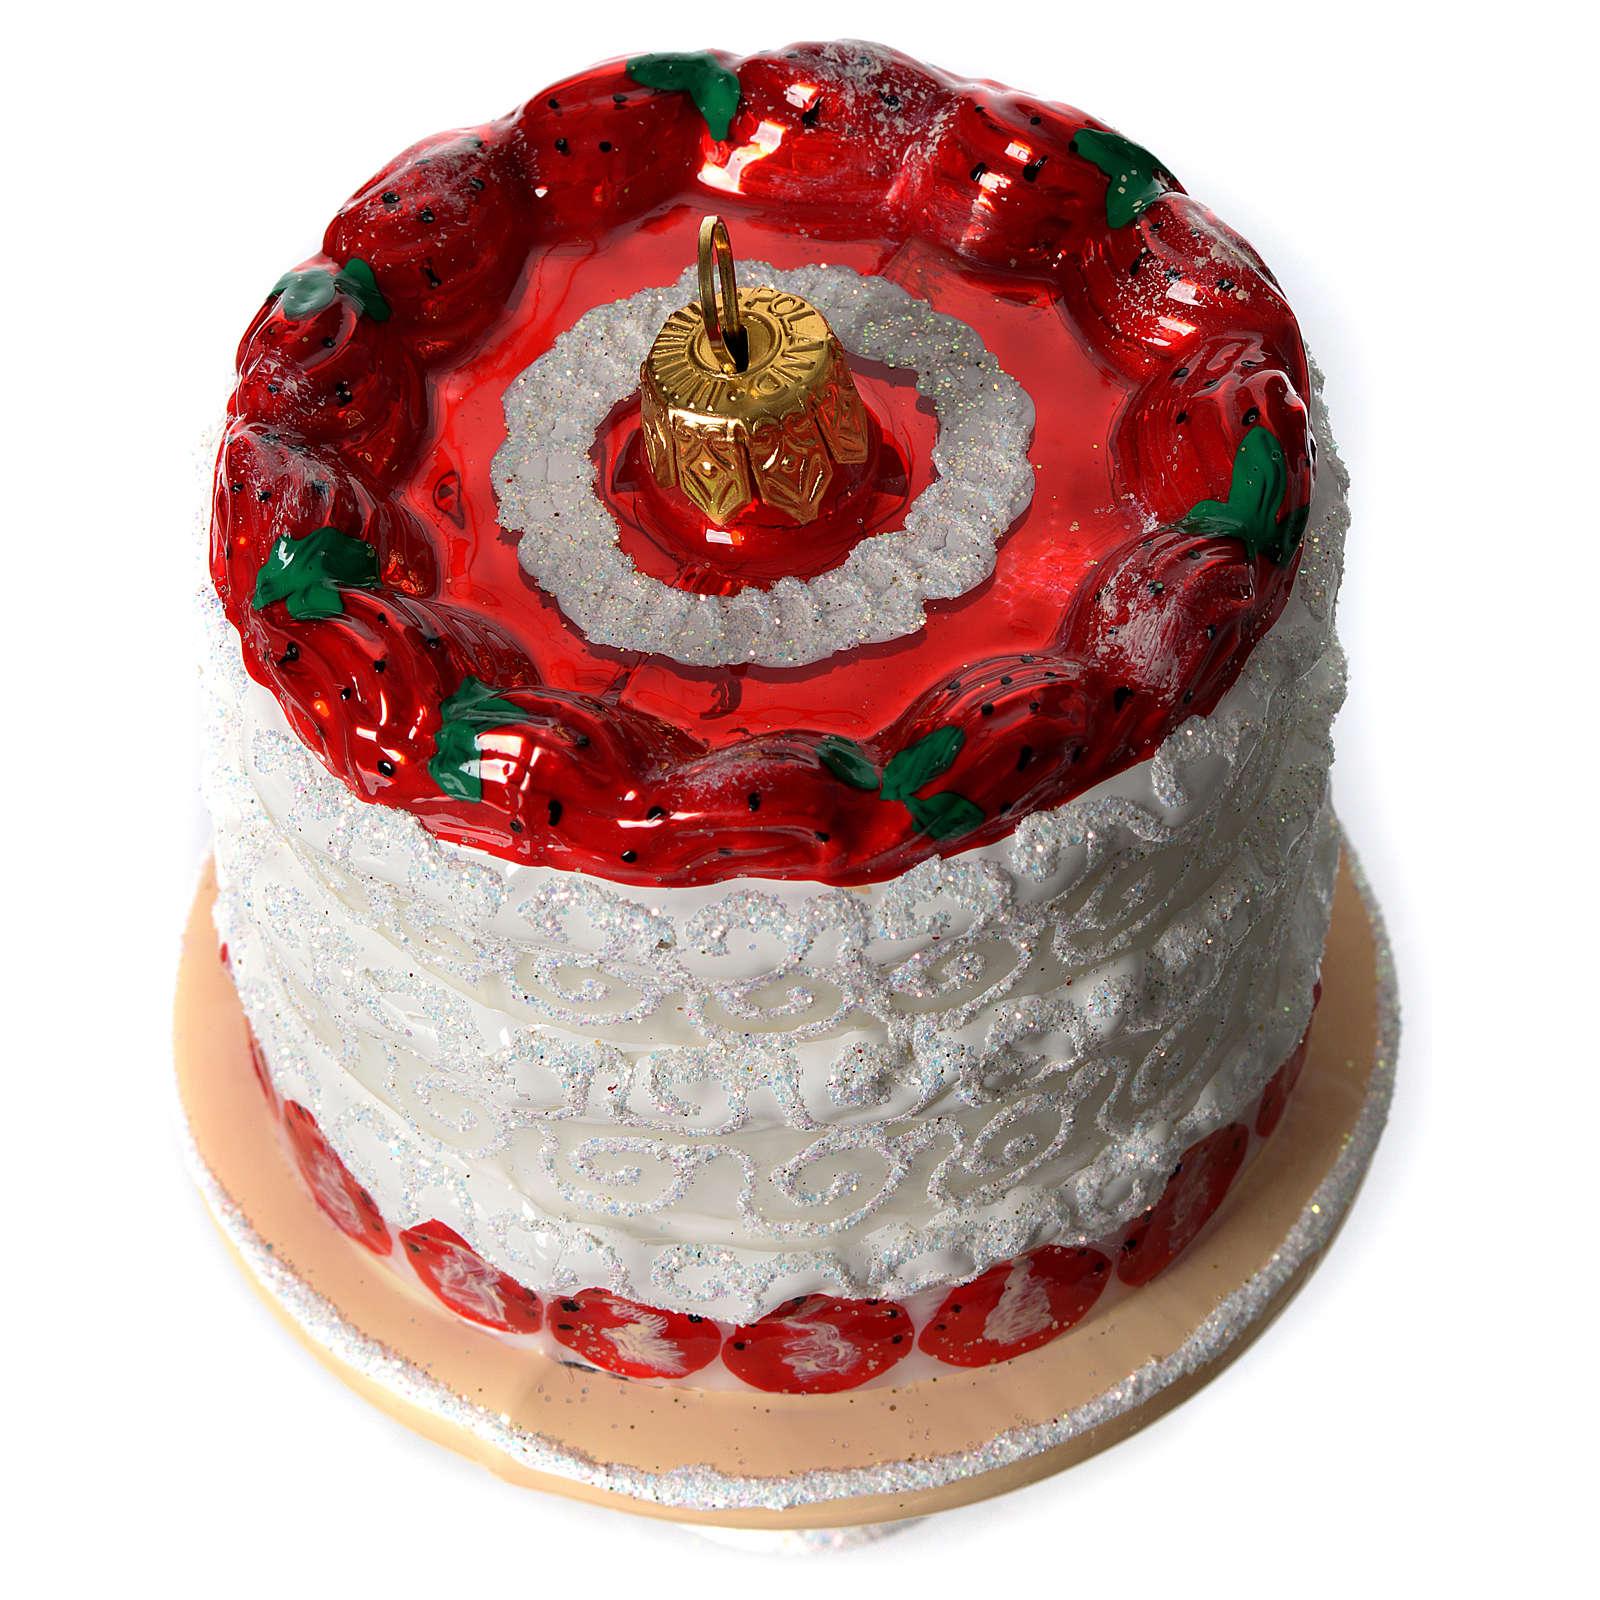 Torta di fragole addobbo vetro soffiato Albero Natale 4